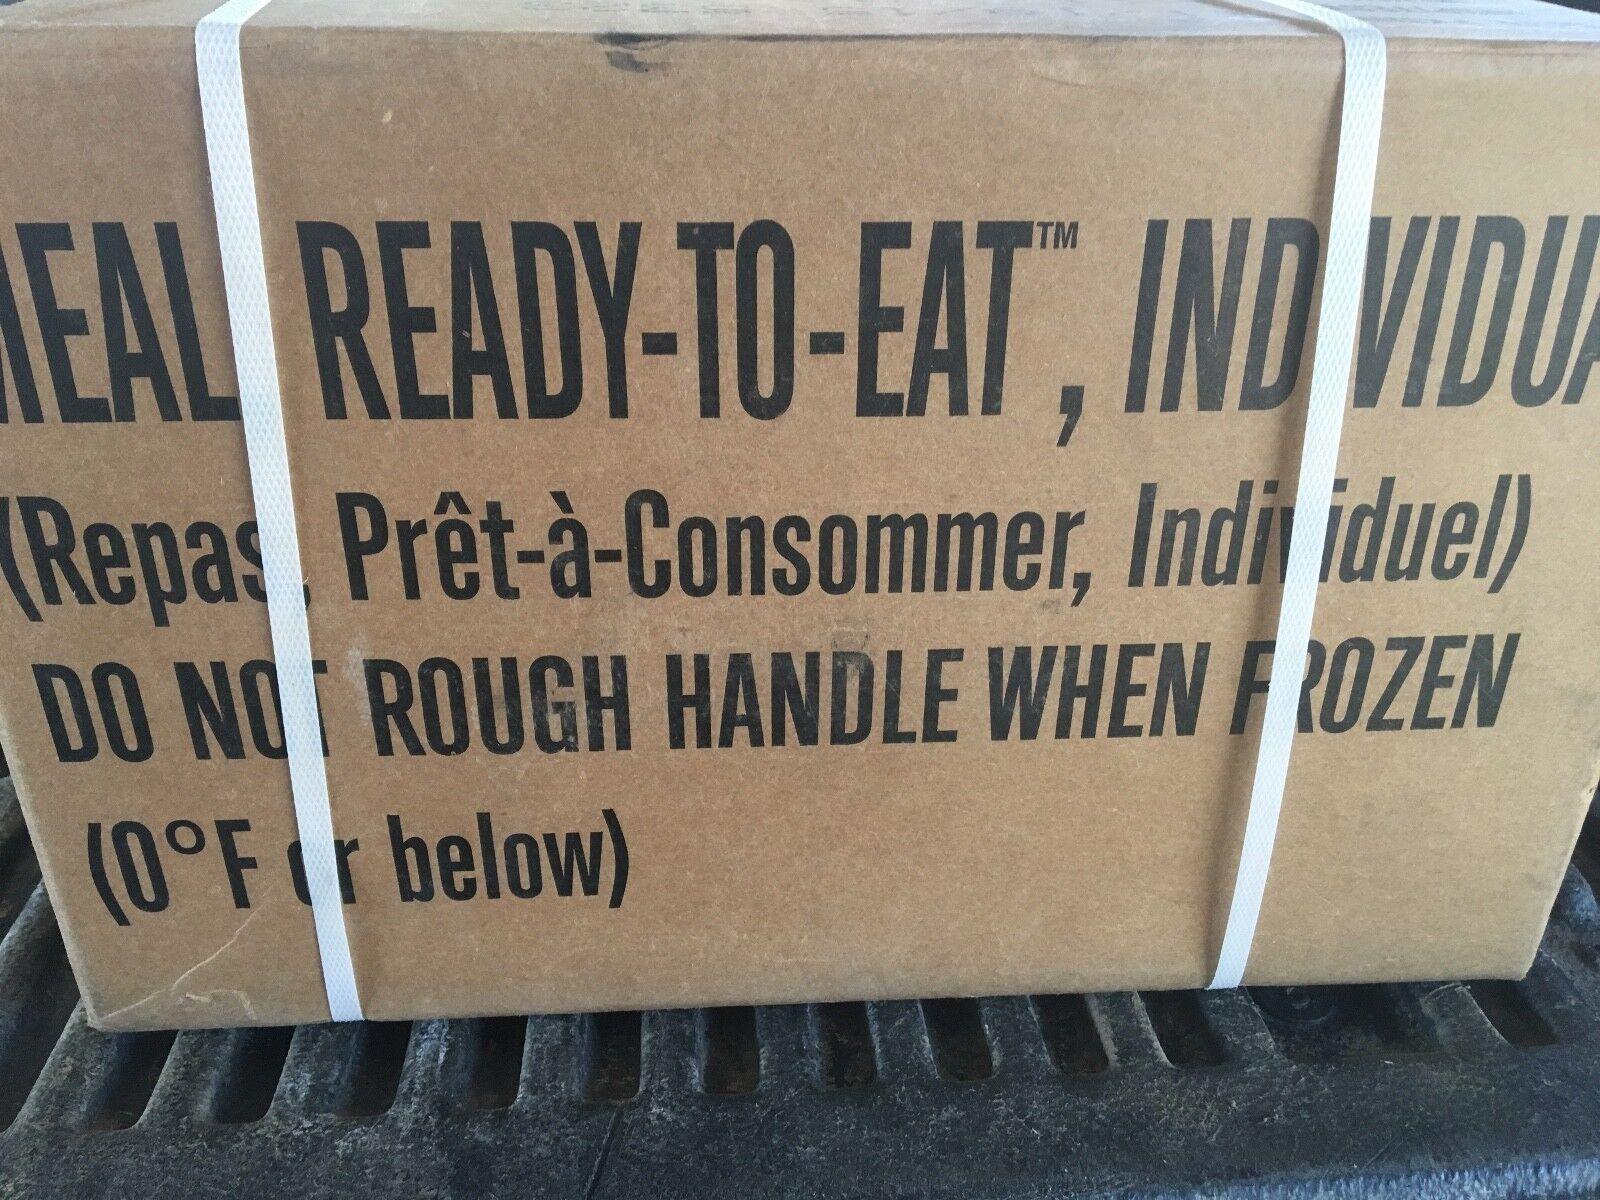 Comida lista para comer meal, listo para comer caso a 12 comidas nuevo 2019 inspecciones